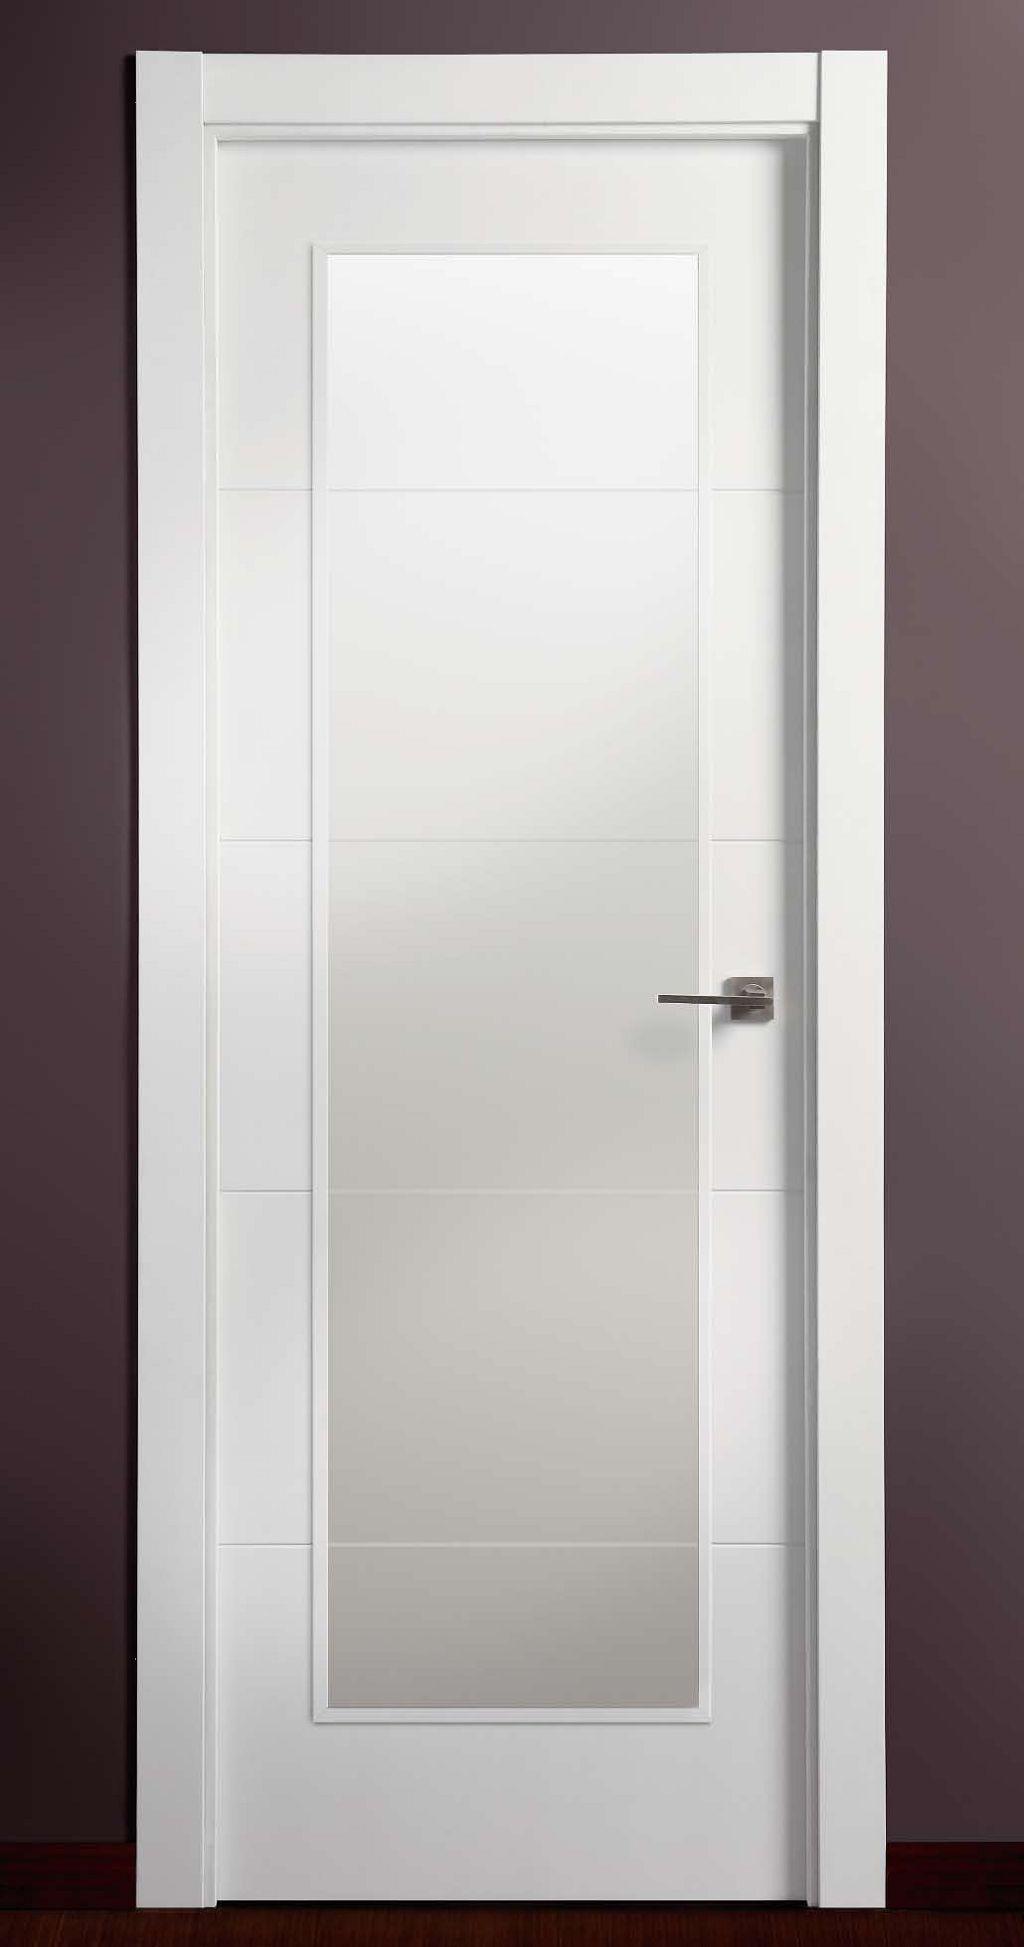 Vidriera lacada en blanco 4 ranuras productos de puertas - Lacar puertas en blanco precio ...